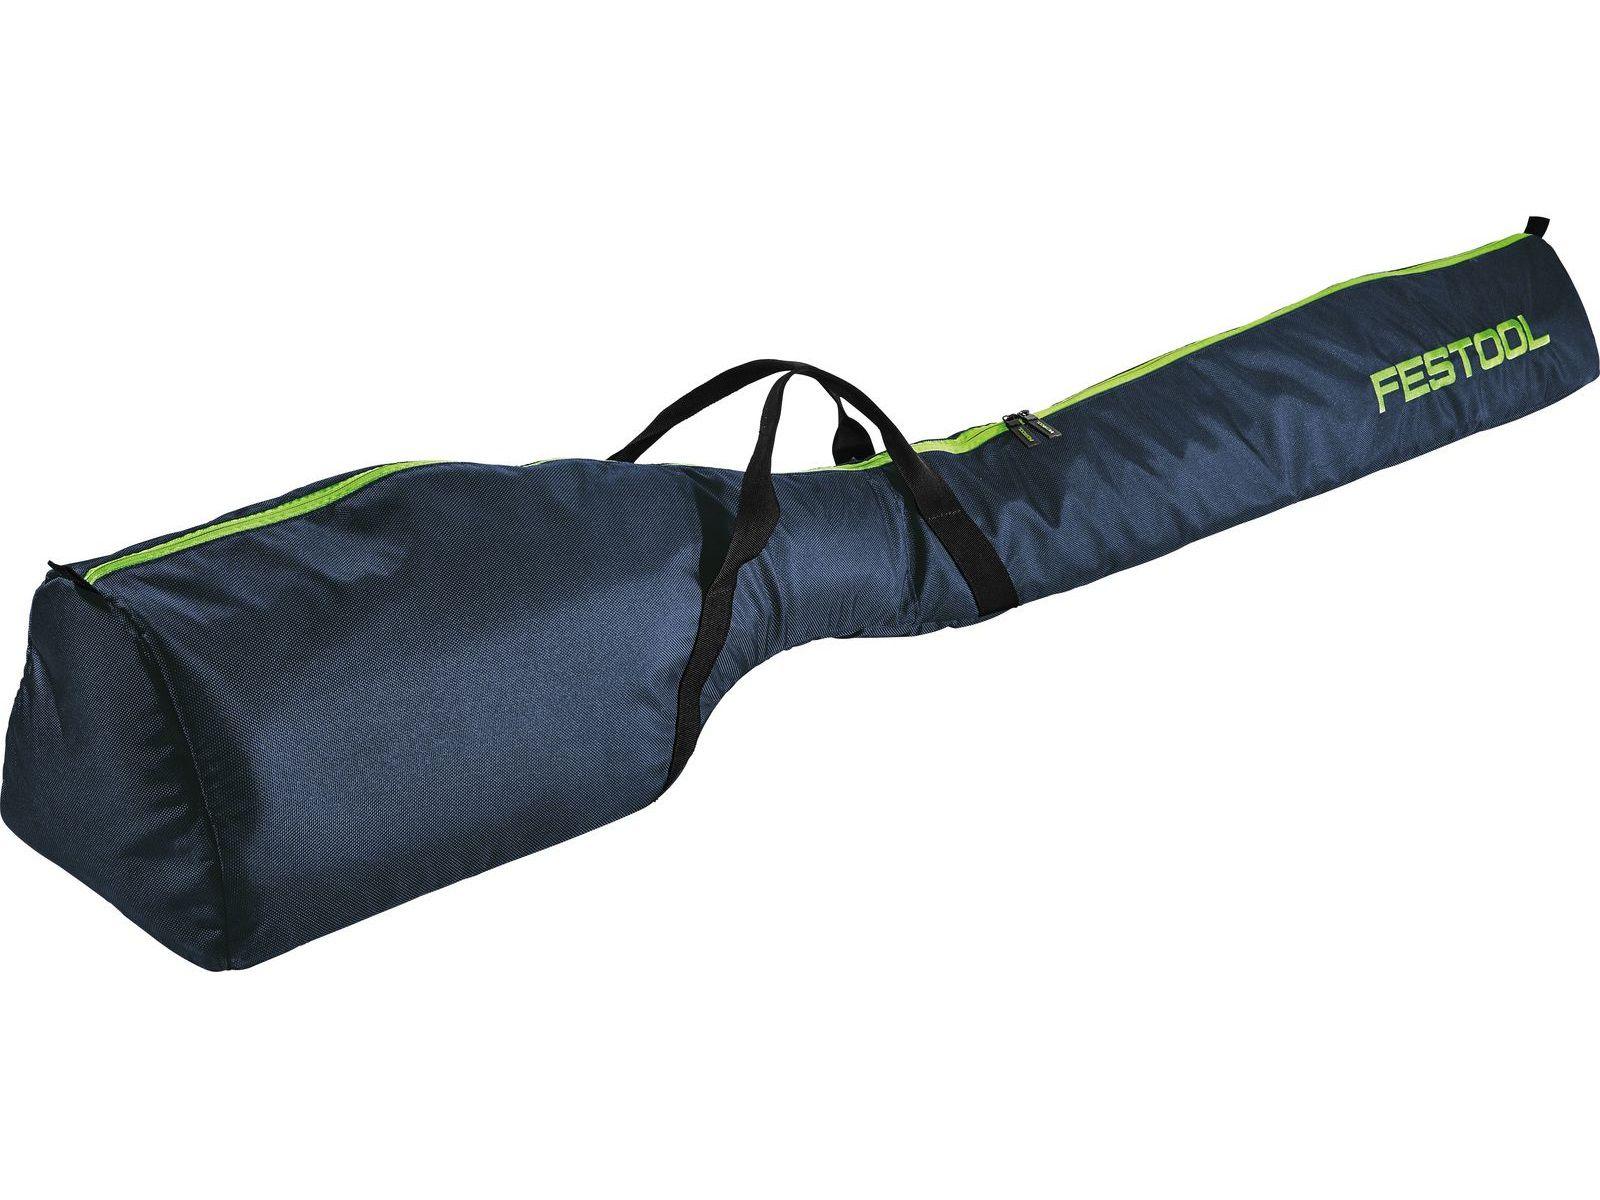 Festool LHS-E 225-BAG Ochranný vak pro brusku PLANEX easy LHS-E 225 EQ (202477)